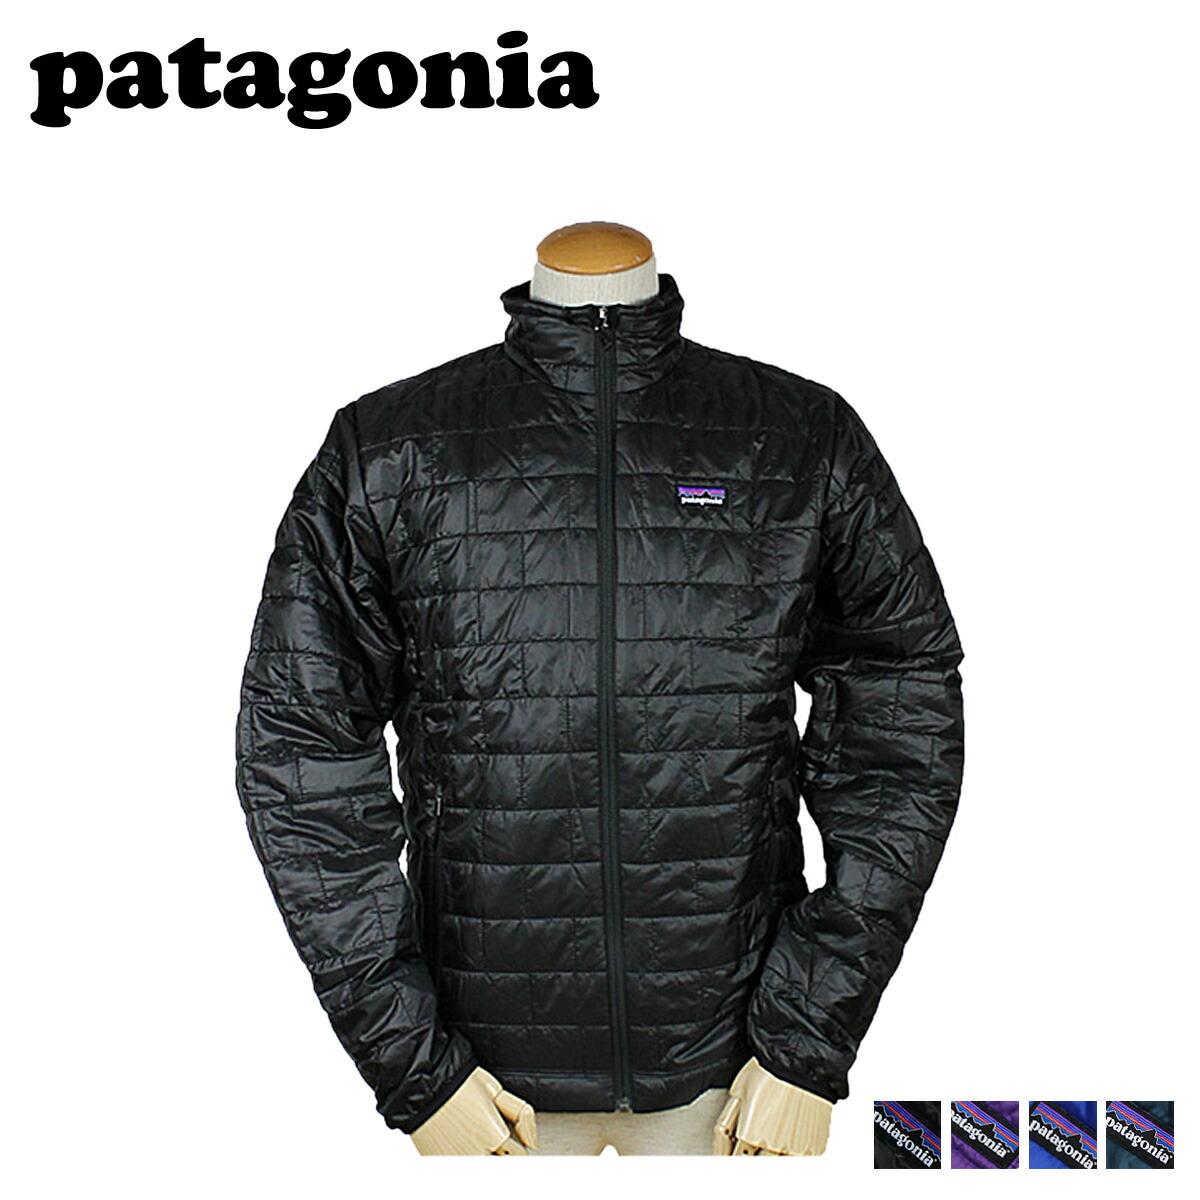 Patagonia Packable Jacket